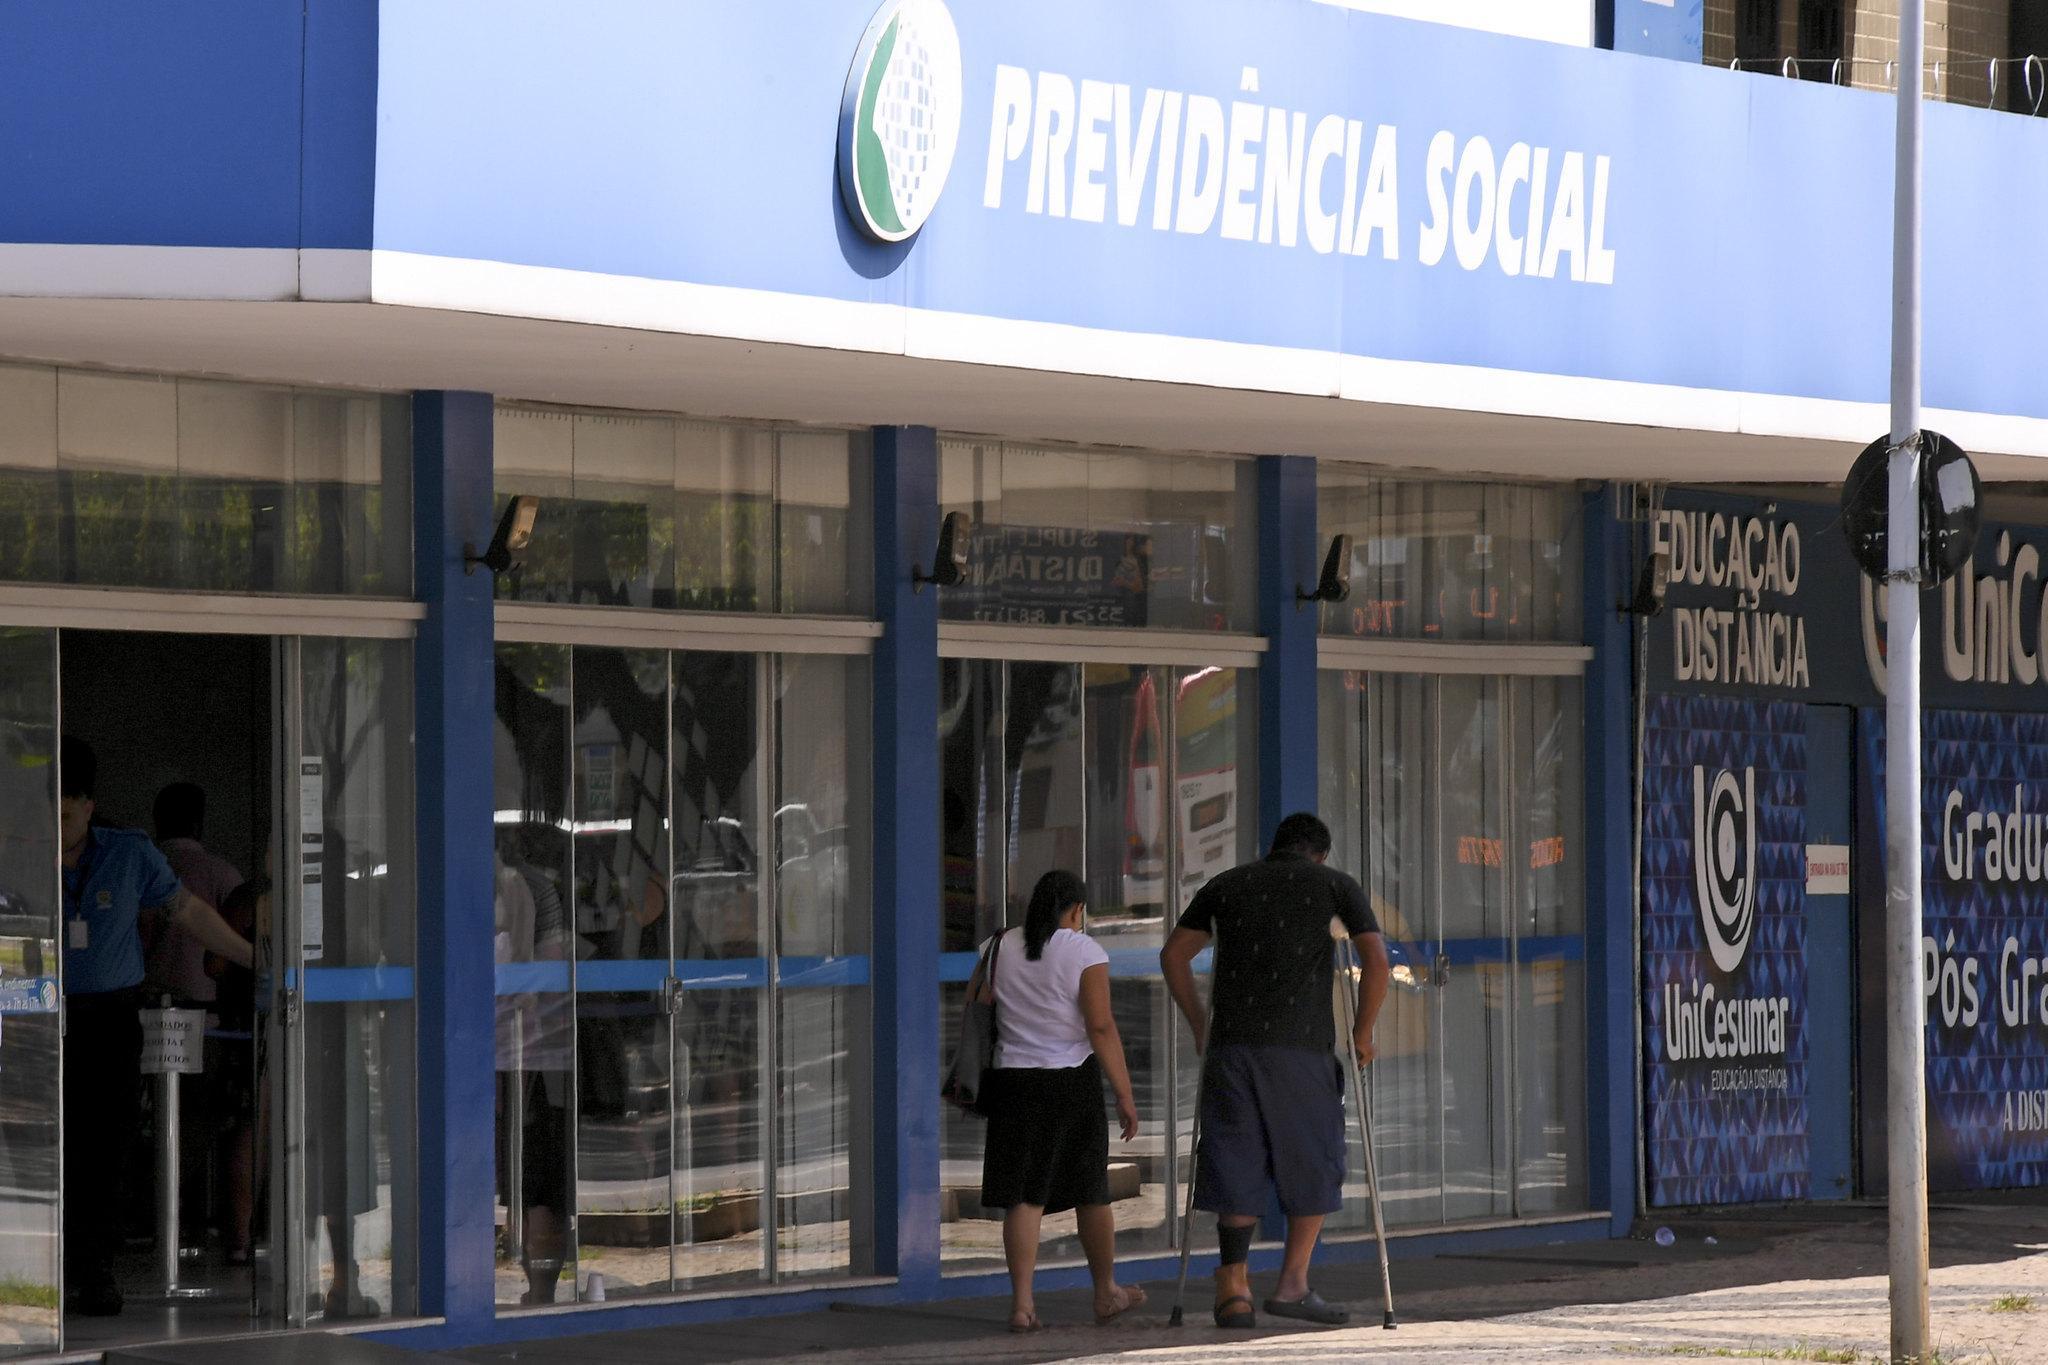 Fachada do Instituto Nacional do Seguro Social (INSS)